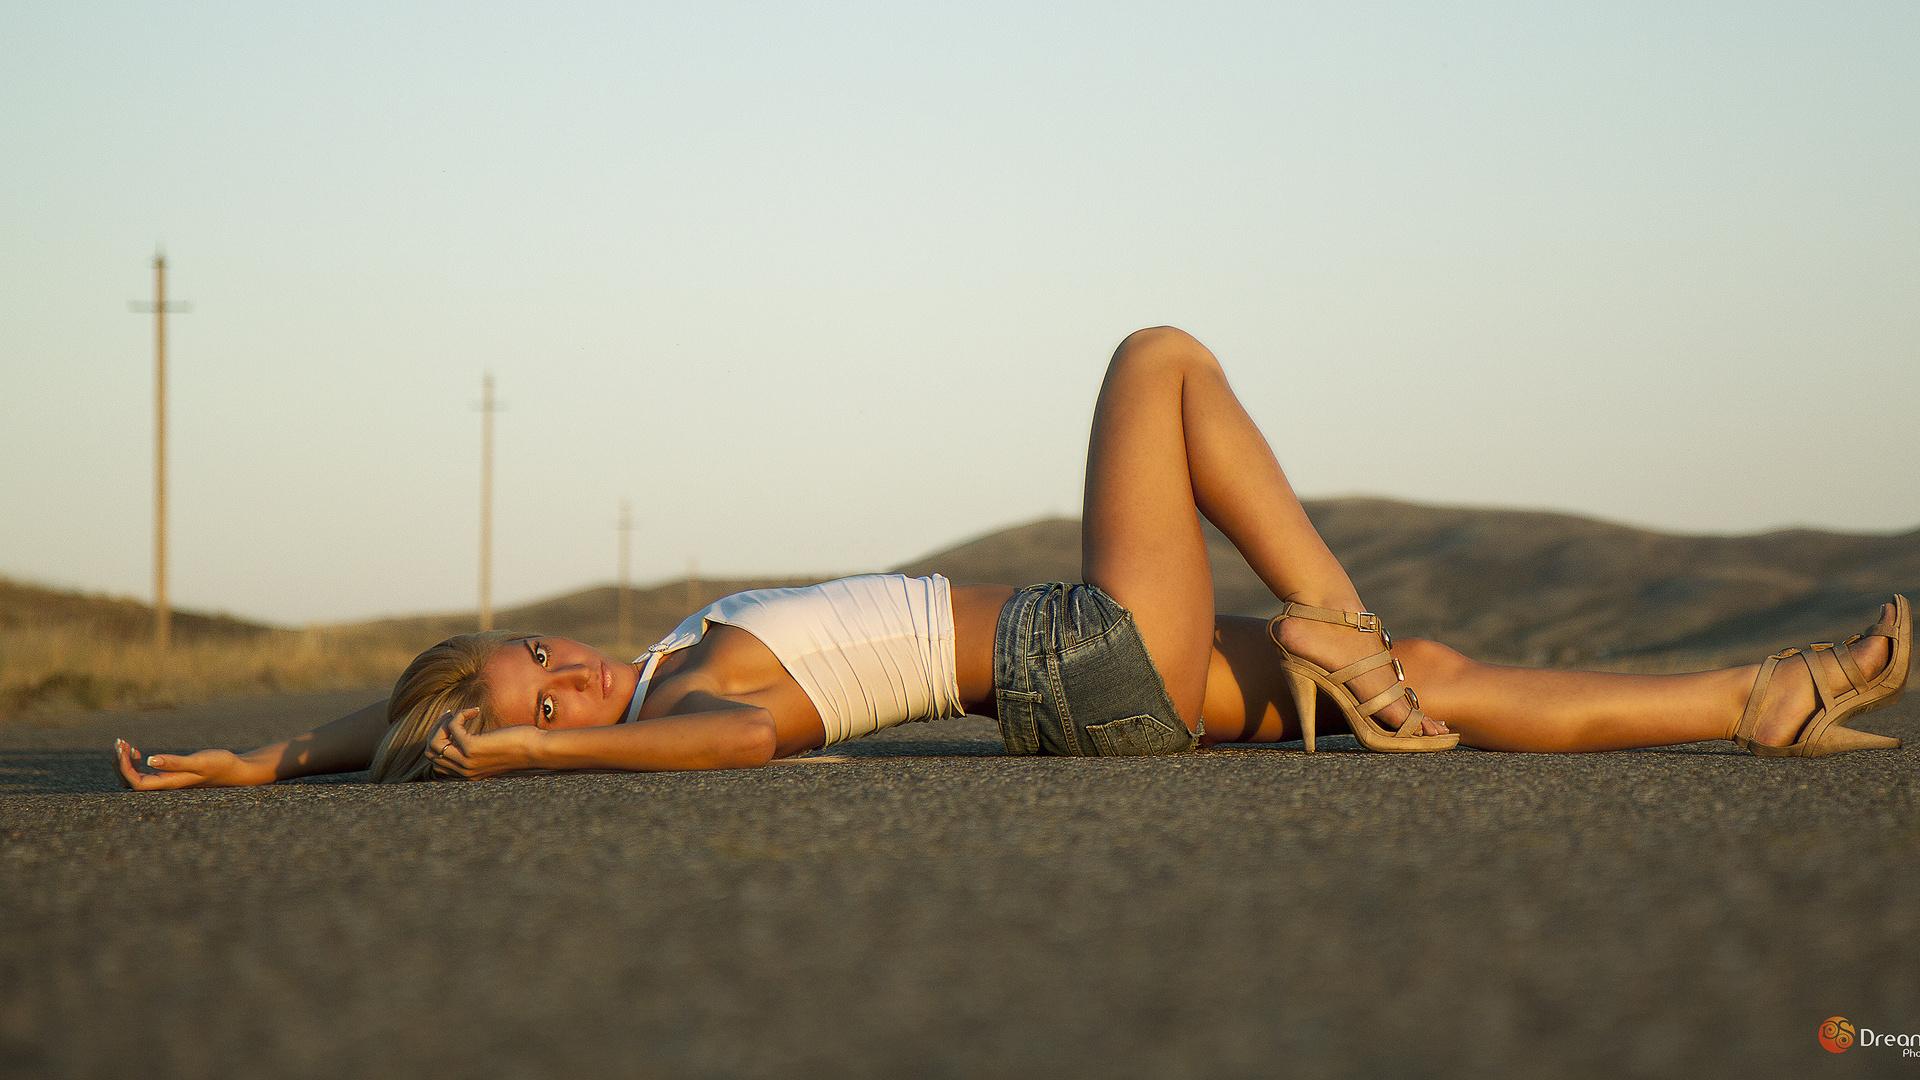 созерцая подобные картинка лежа на дороге свою очередь генеральный